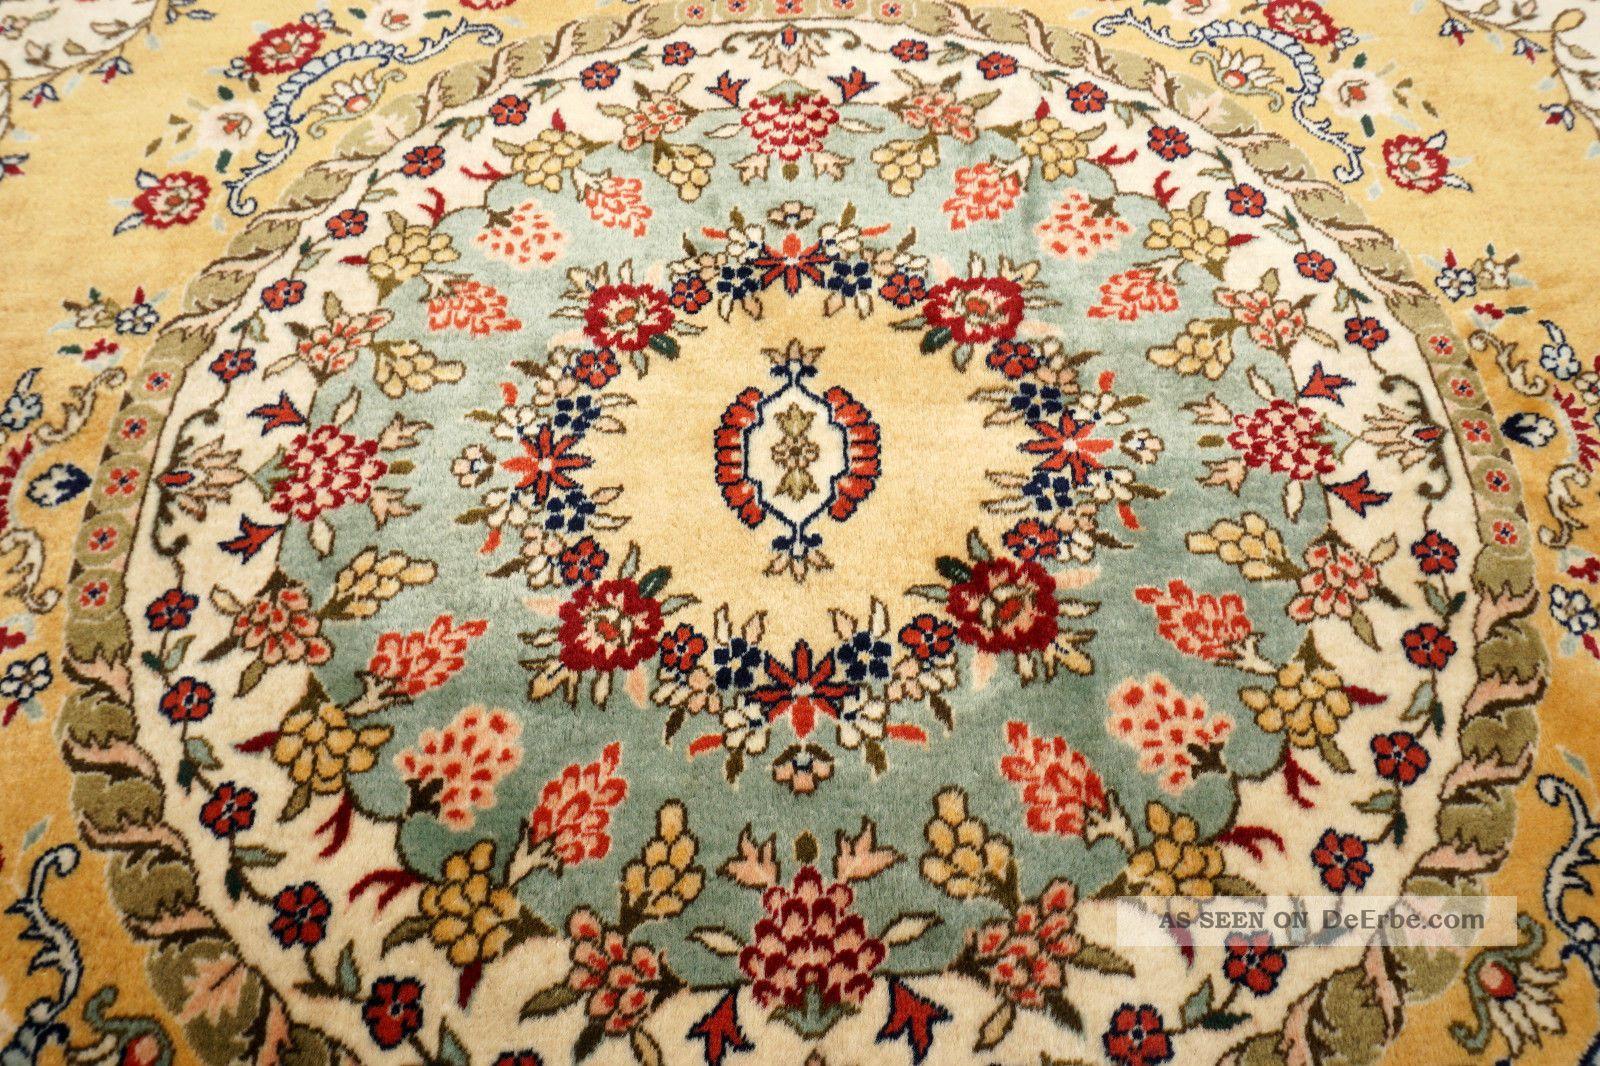 feiner orient teppich gelb 200 x 200 cm rund perserteppich alt old carpet rug. Black Bedroom Furniture Sets. Home Design Ideas